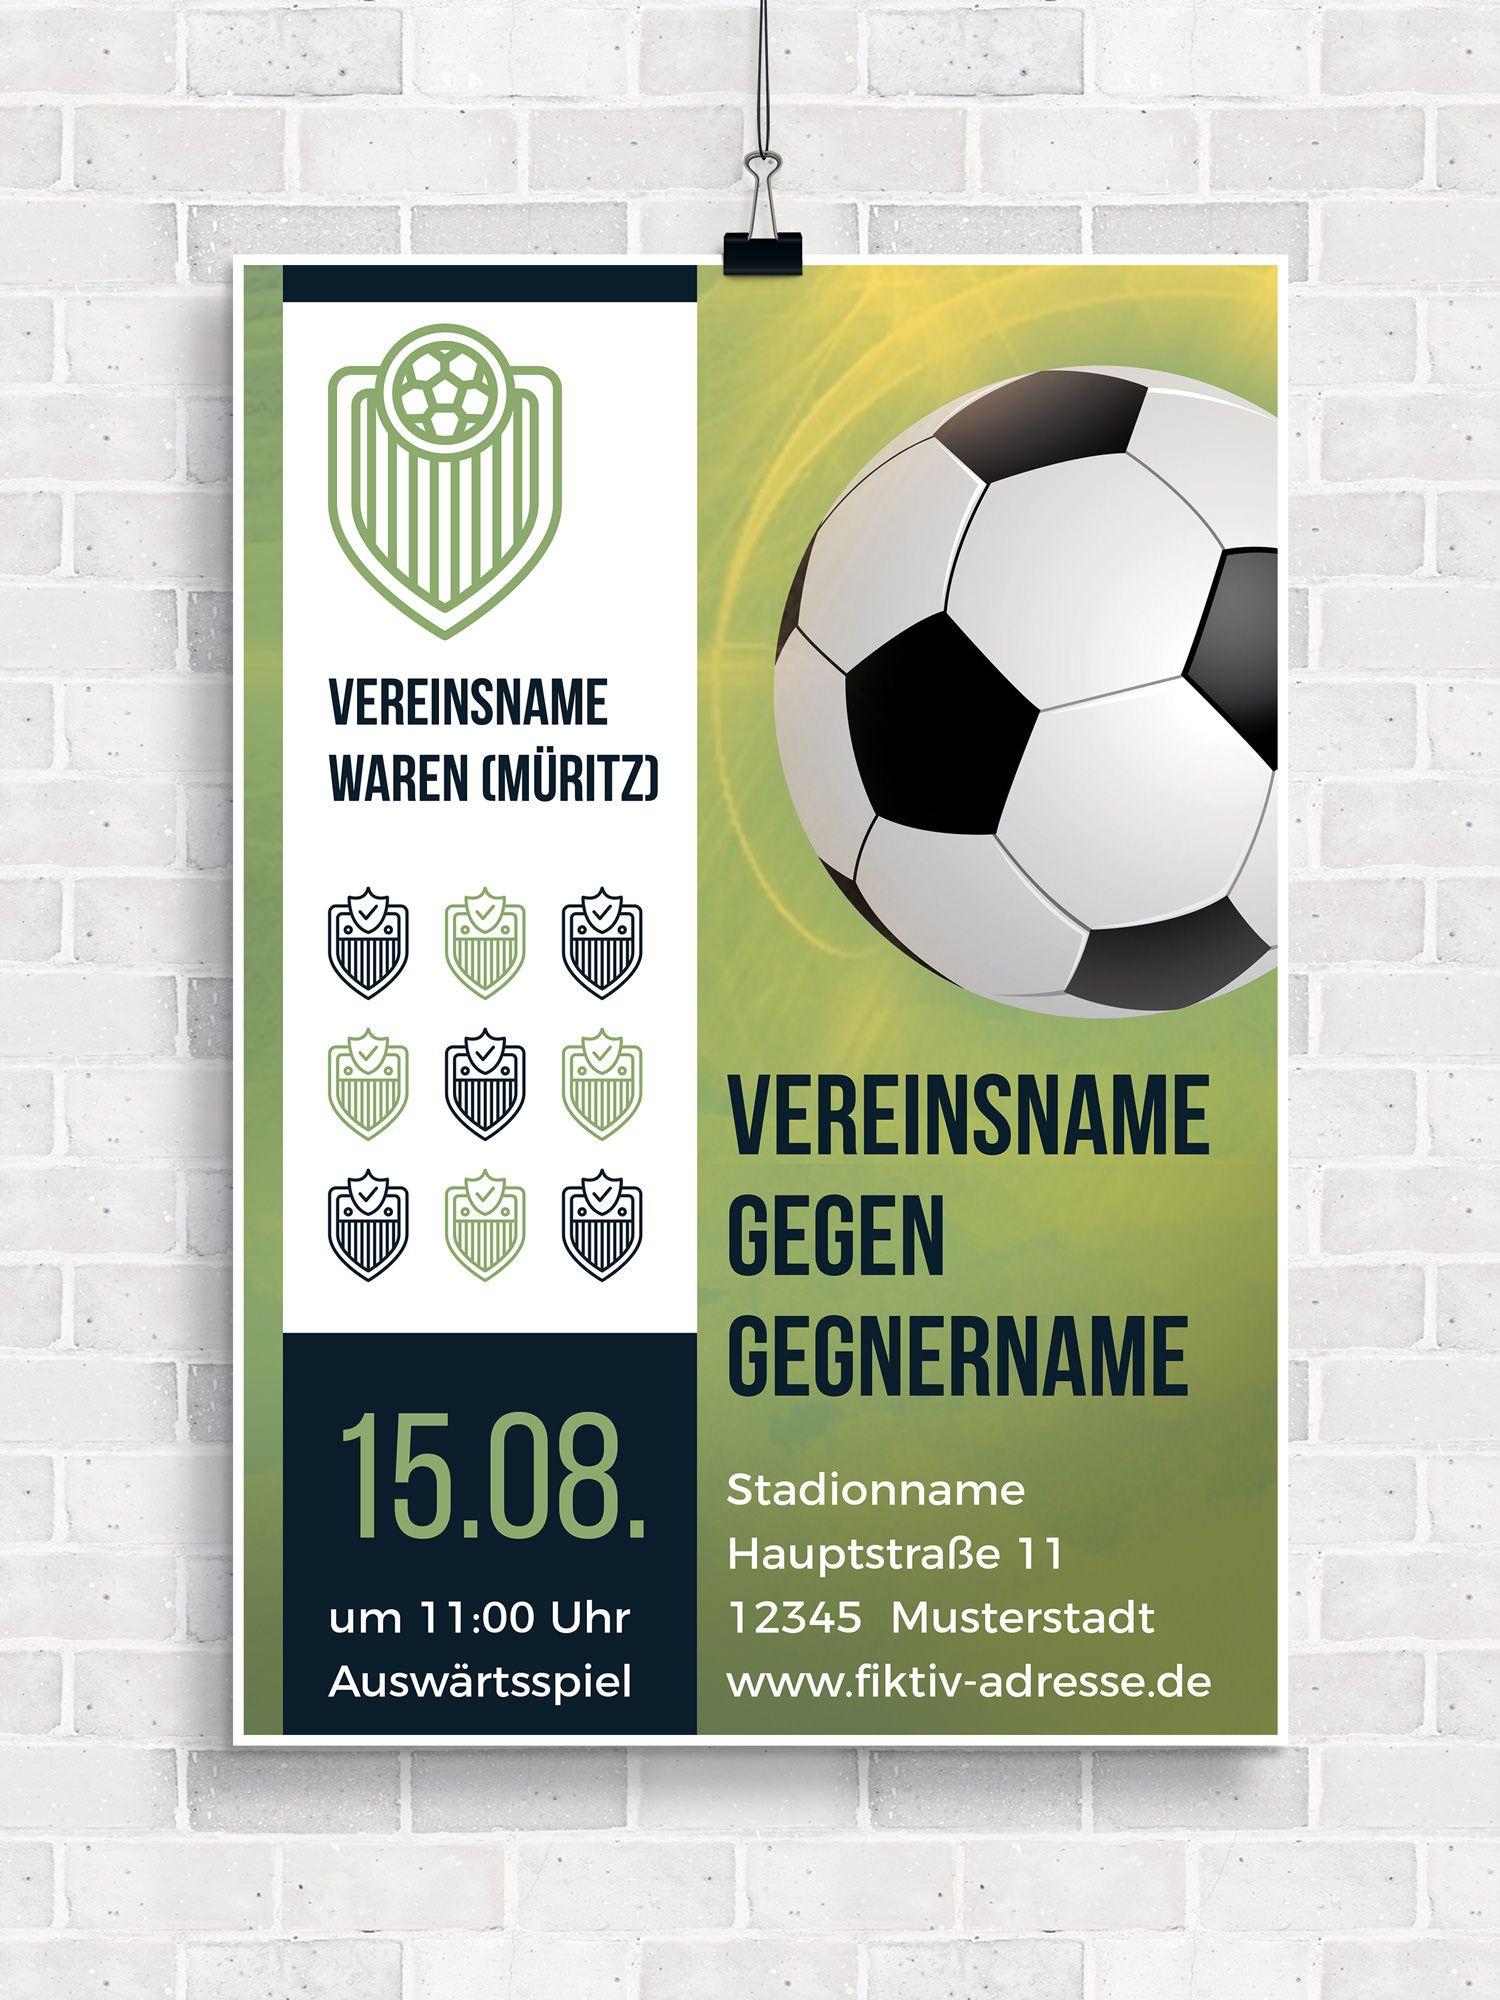 Designs Fur Sportvereine Turnierplan Erstellen Sammelkarten Flyer Vorlage Briefkopf Vorlage Vorlagen Lebenslauf